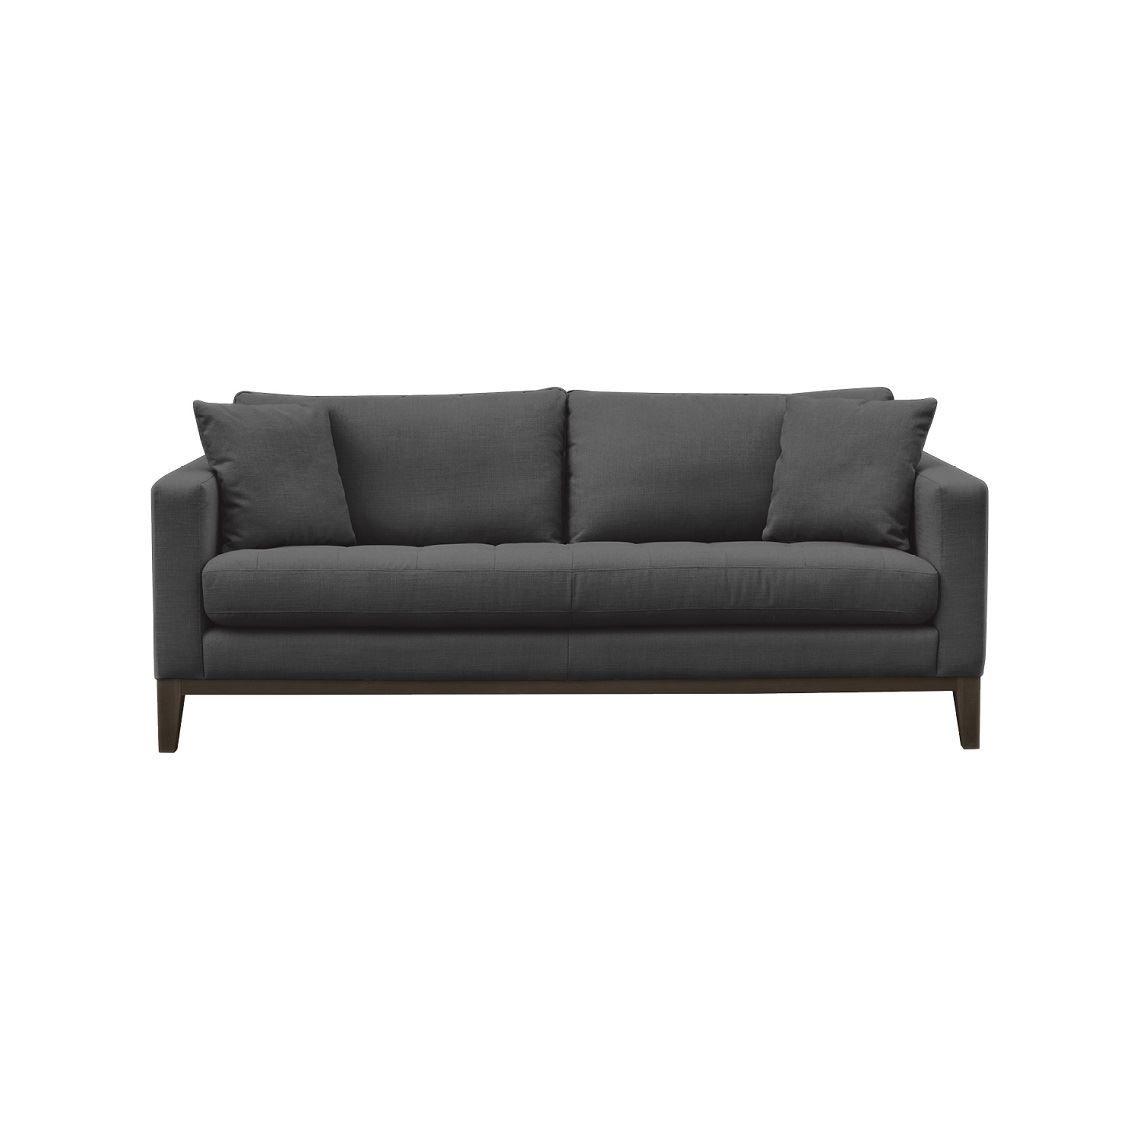 Marley 3 Seat Fabric Sofa Sofa Fabric Sofa Furniture